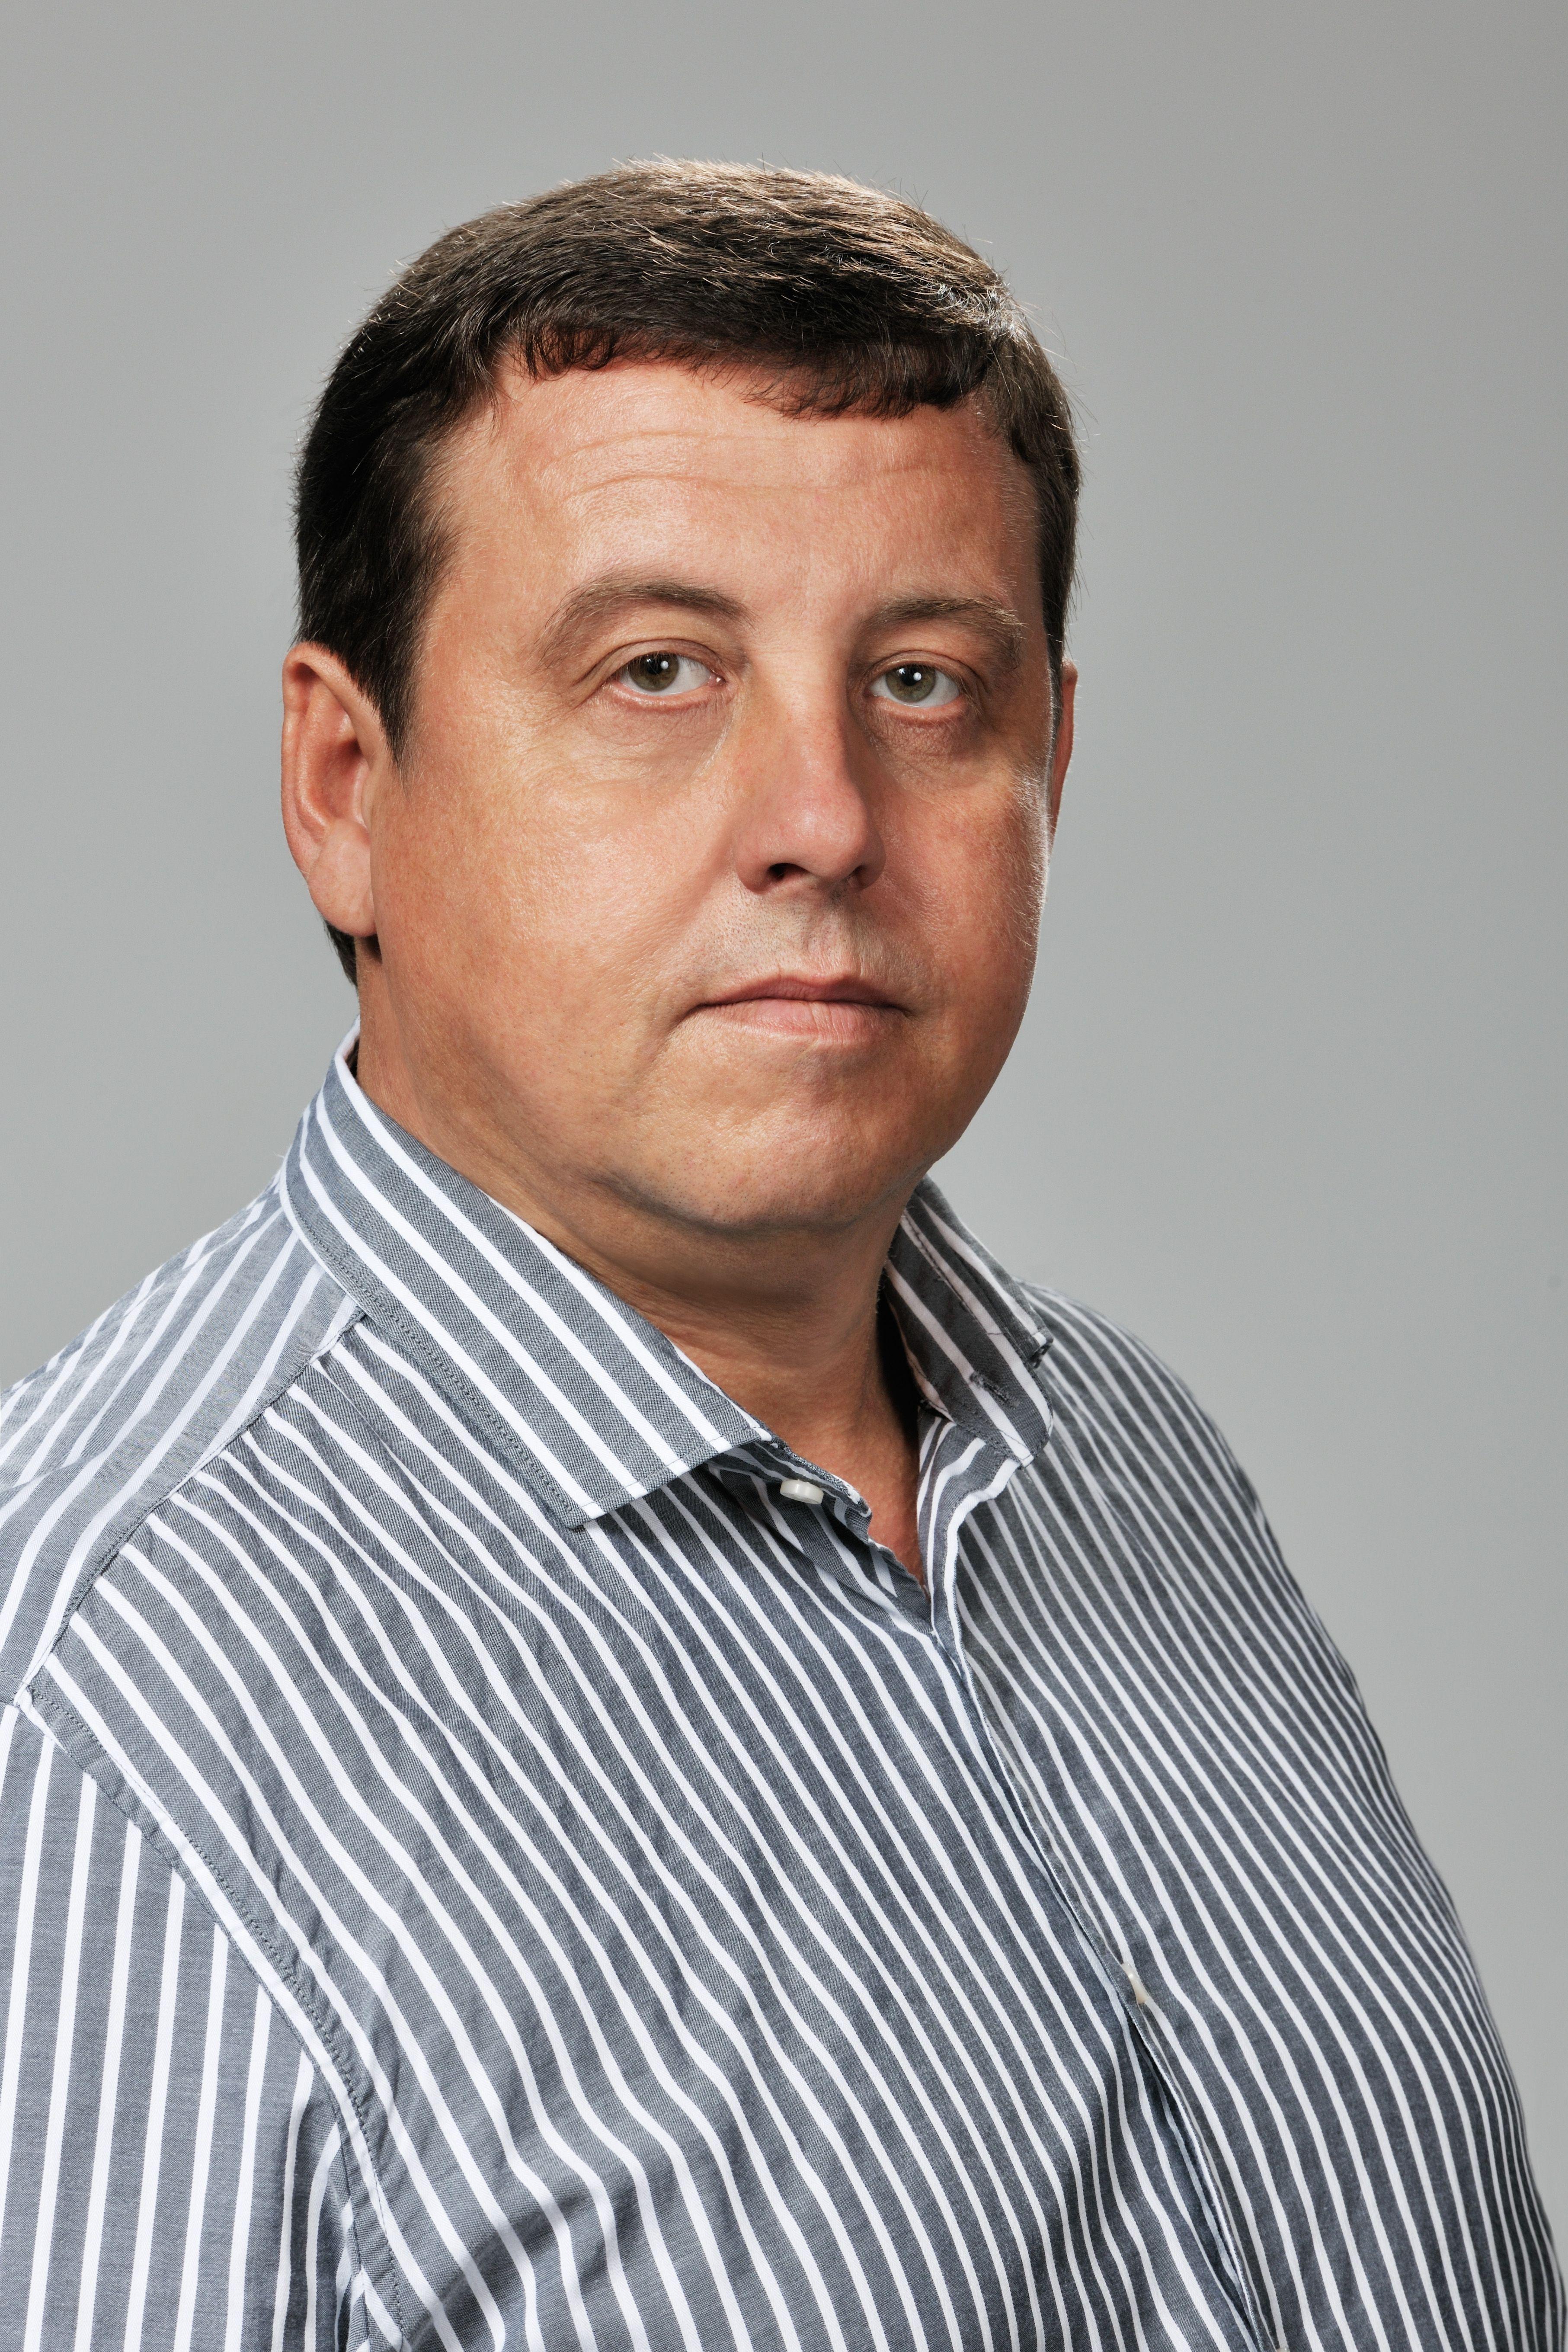 Taschev